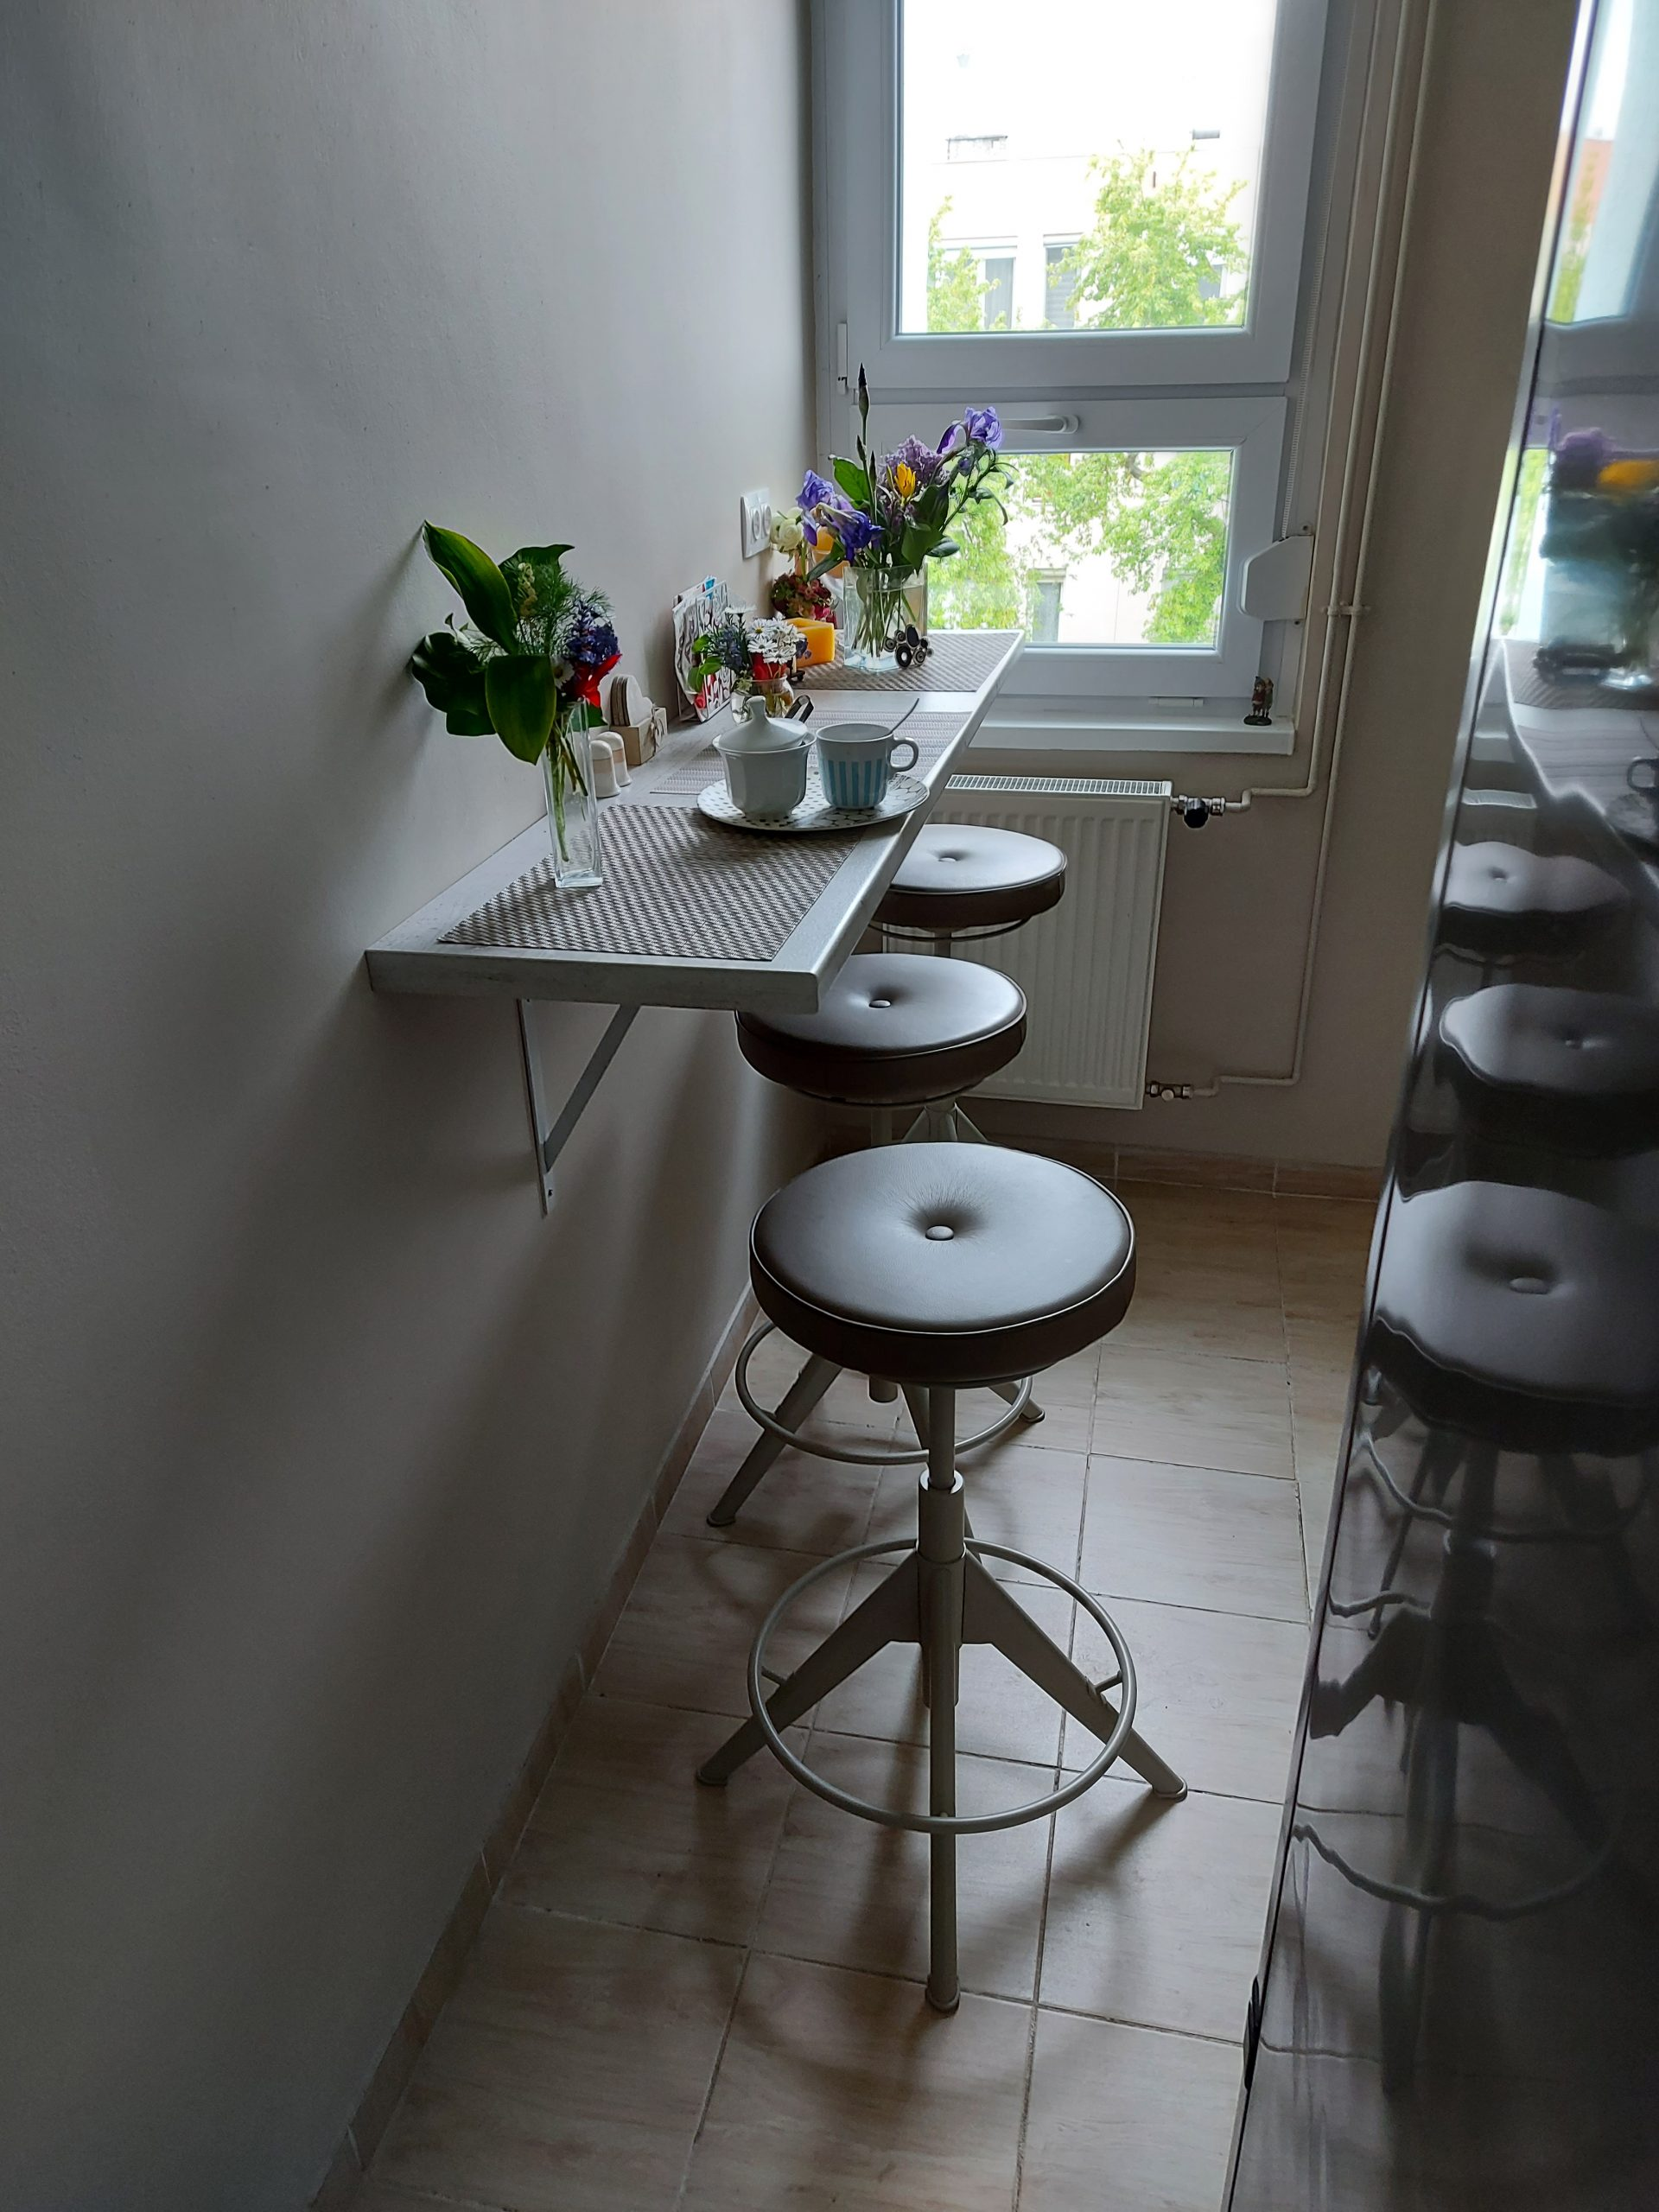 Konyhabútor étkezőpulttal